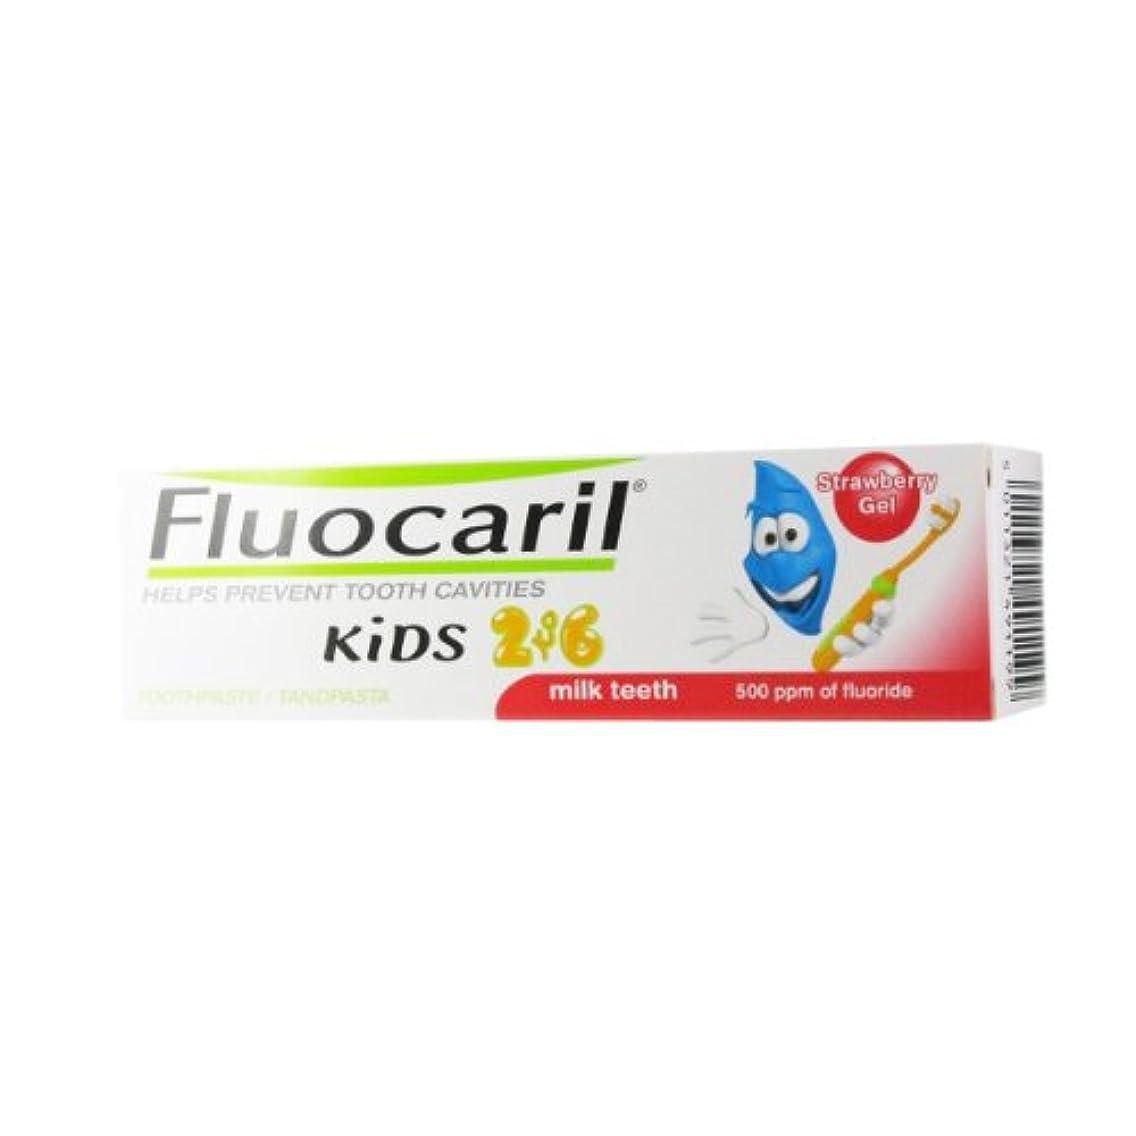 経済ステレオタイプ洪水Fluocaril Kids 2 To 6 Strawberry Gel 50ml [並行輸入品]